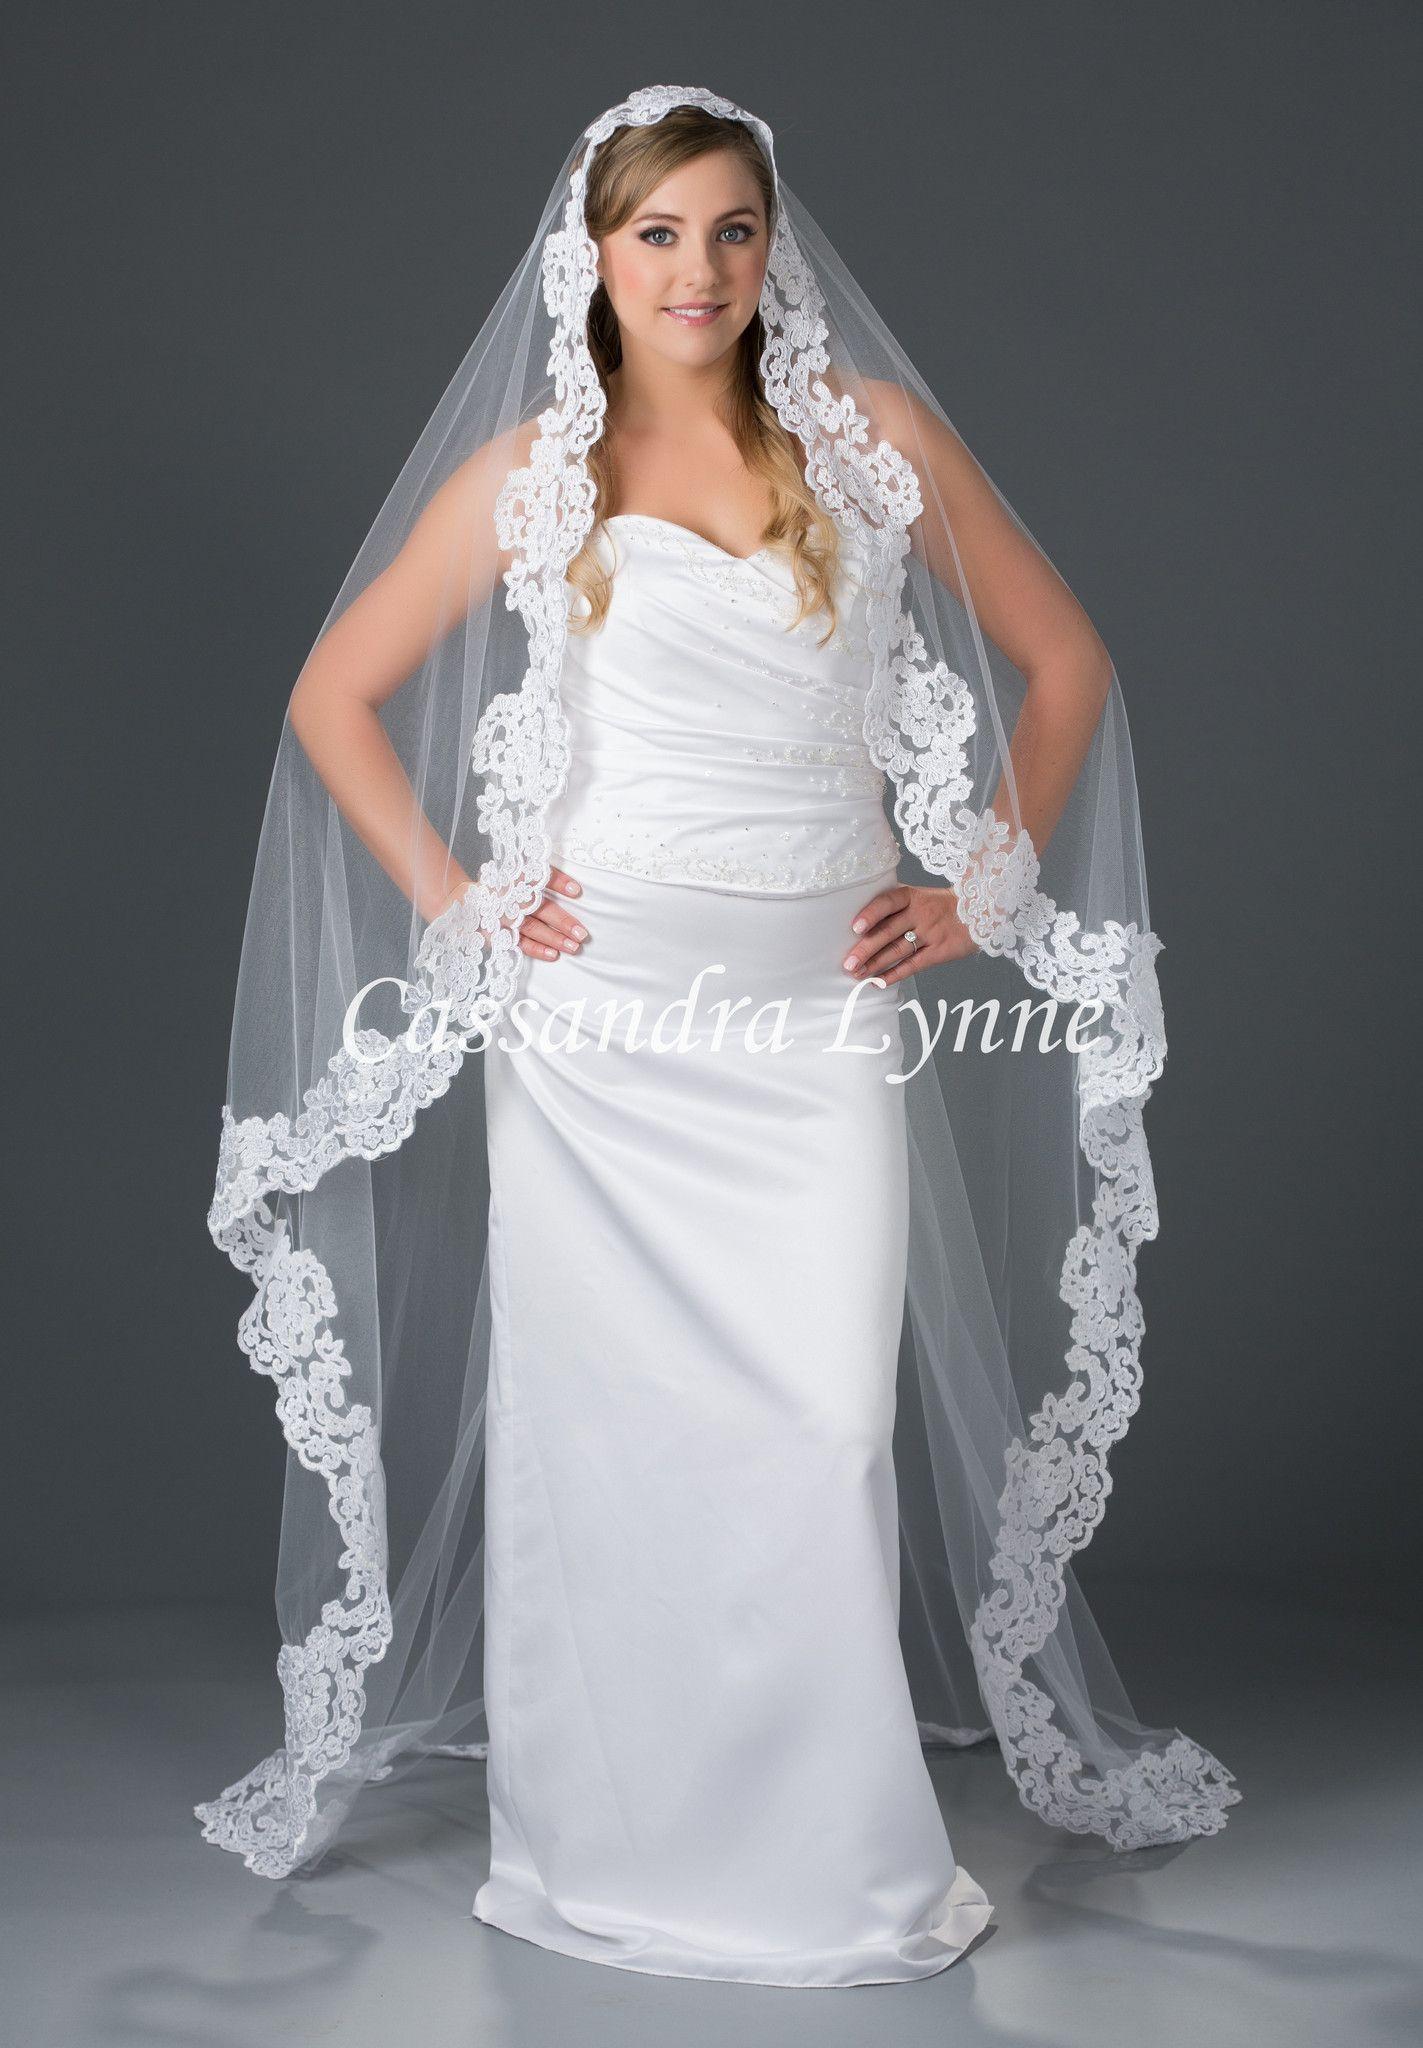 mantilla wedding veil with floral lace floor length | veil, weddings